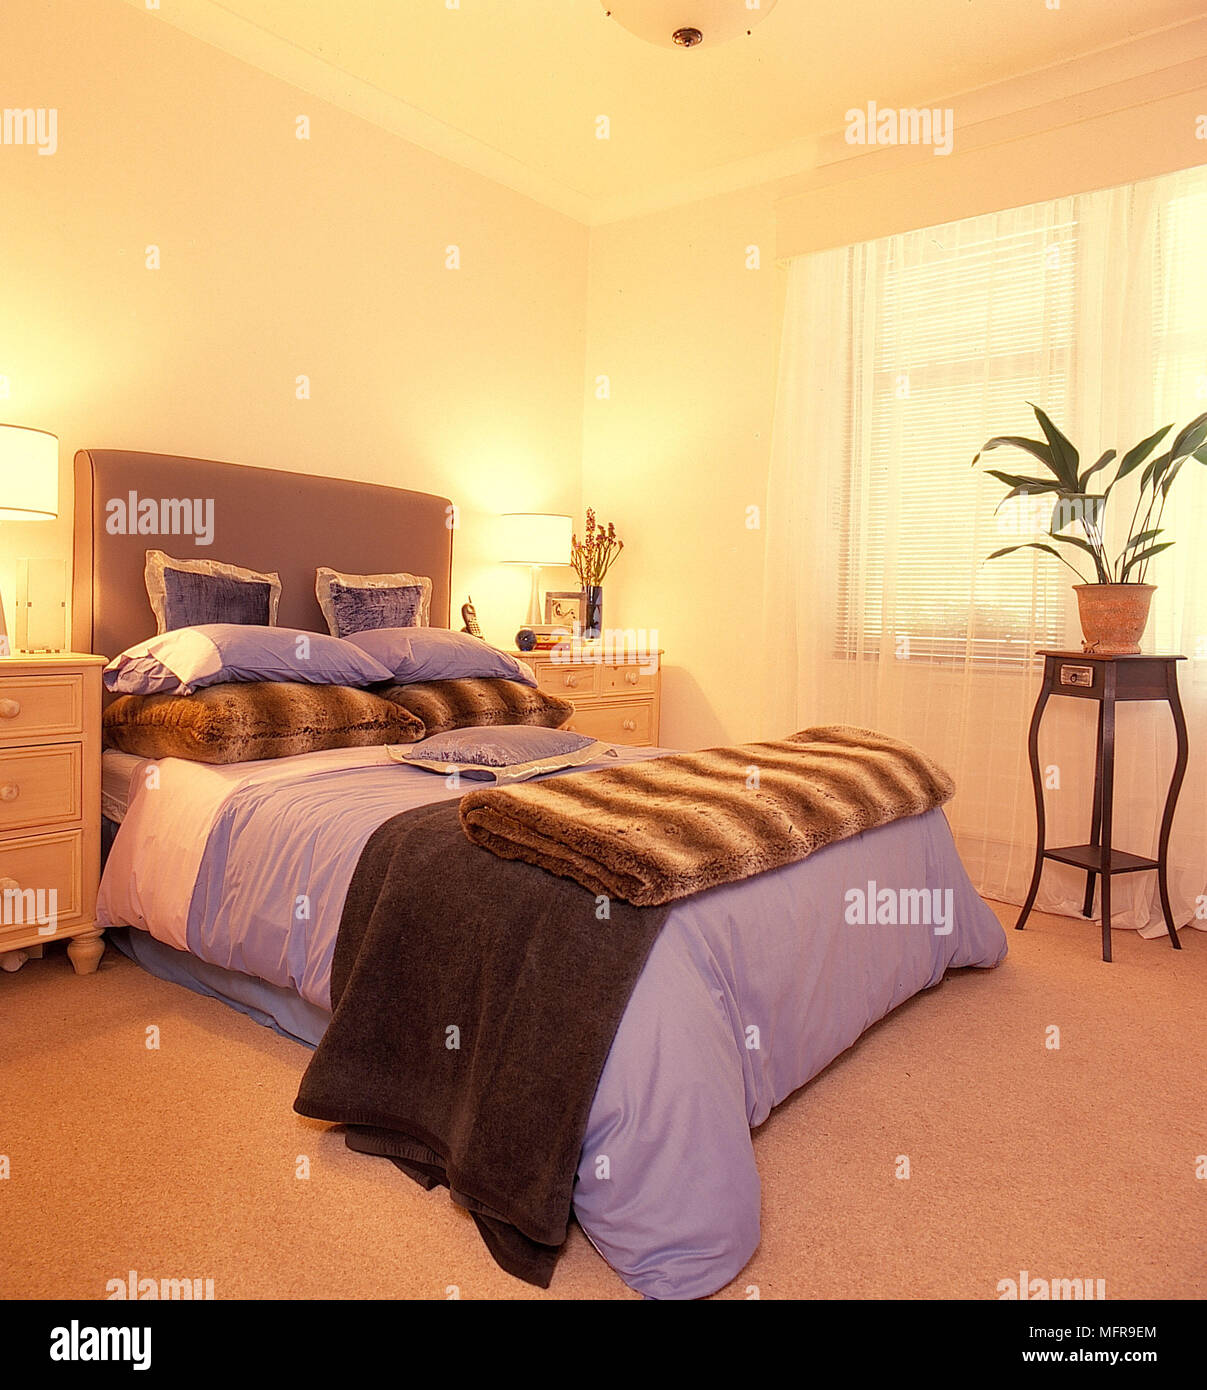 Schlafzimmer Cremefarbene Wände Hoch Taupe Bedhead Lila Bettwäsche Braun  Gestreifte Zusammengeklappten Abdeckung Paar Leuchten Lampen Schattierungen  ...